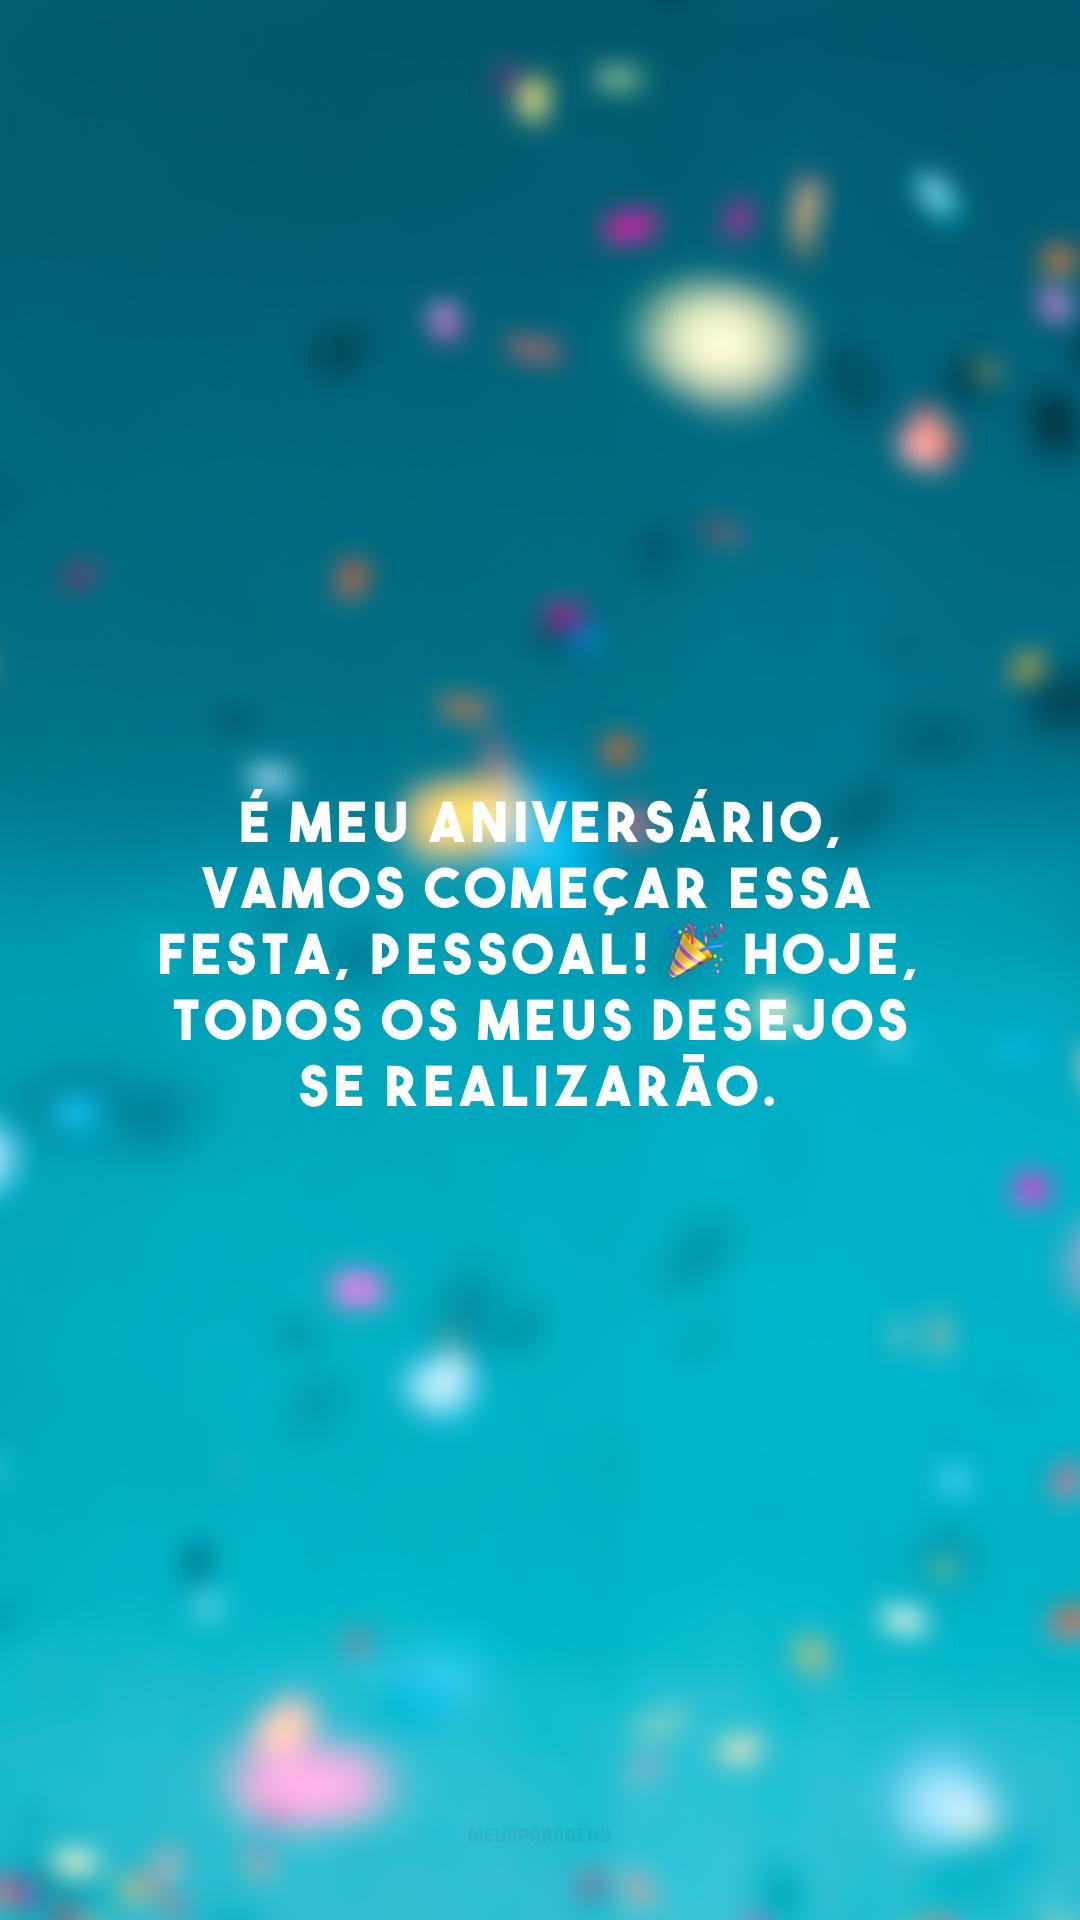 É meu aniversário, vamos começar essa festa, pessoal! 🎉 Hoje, todos os meus desejos se realizarão.